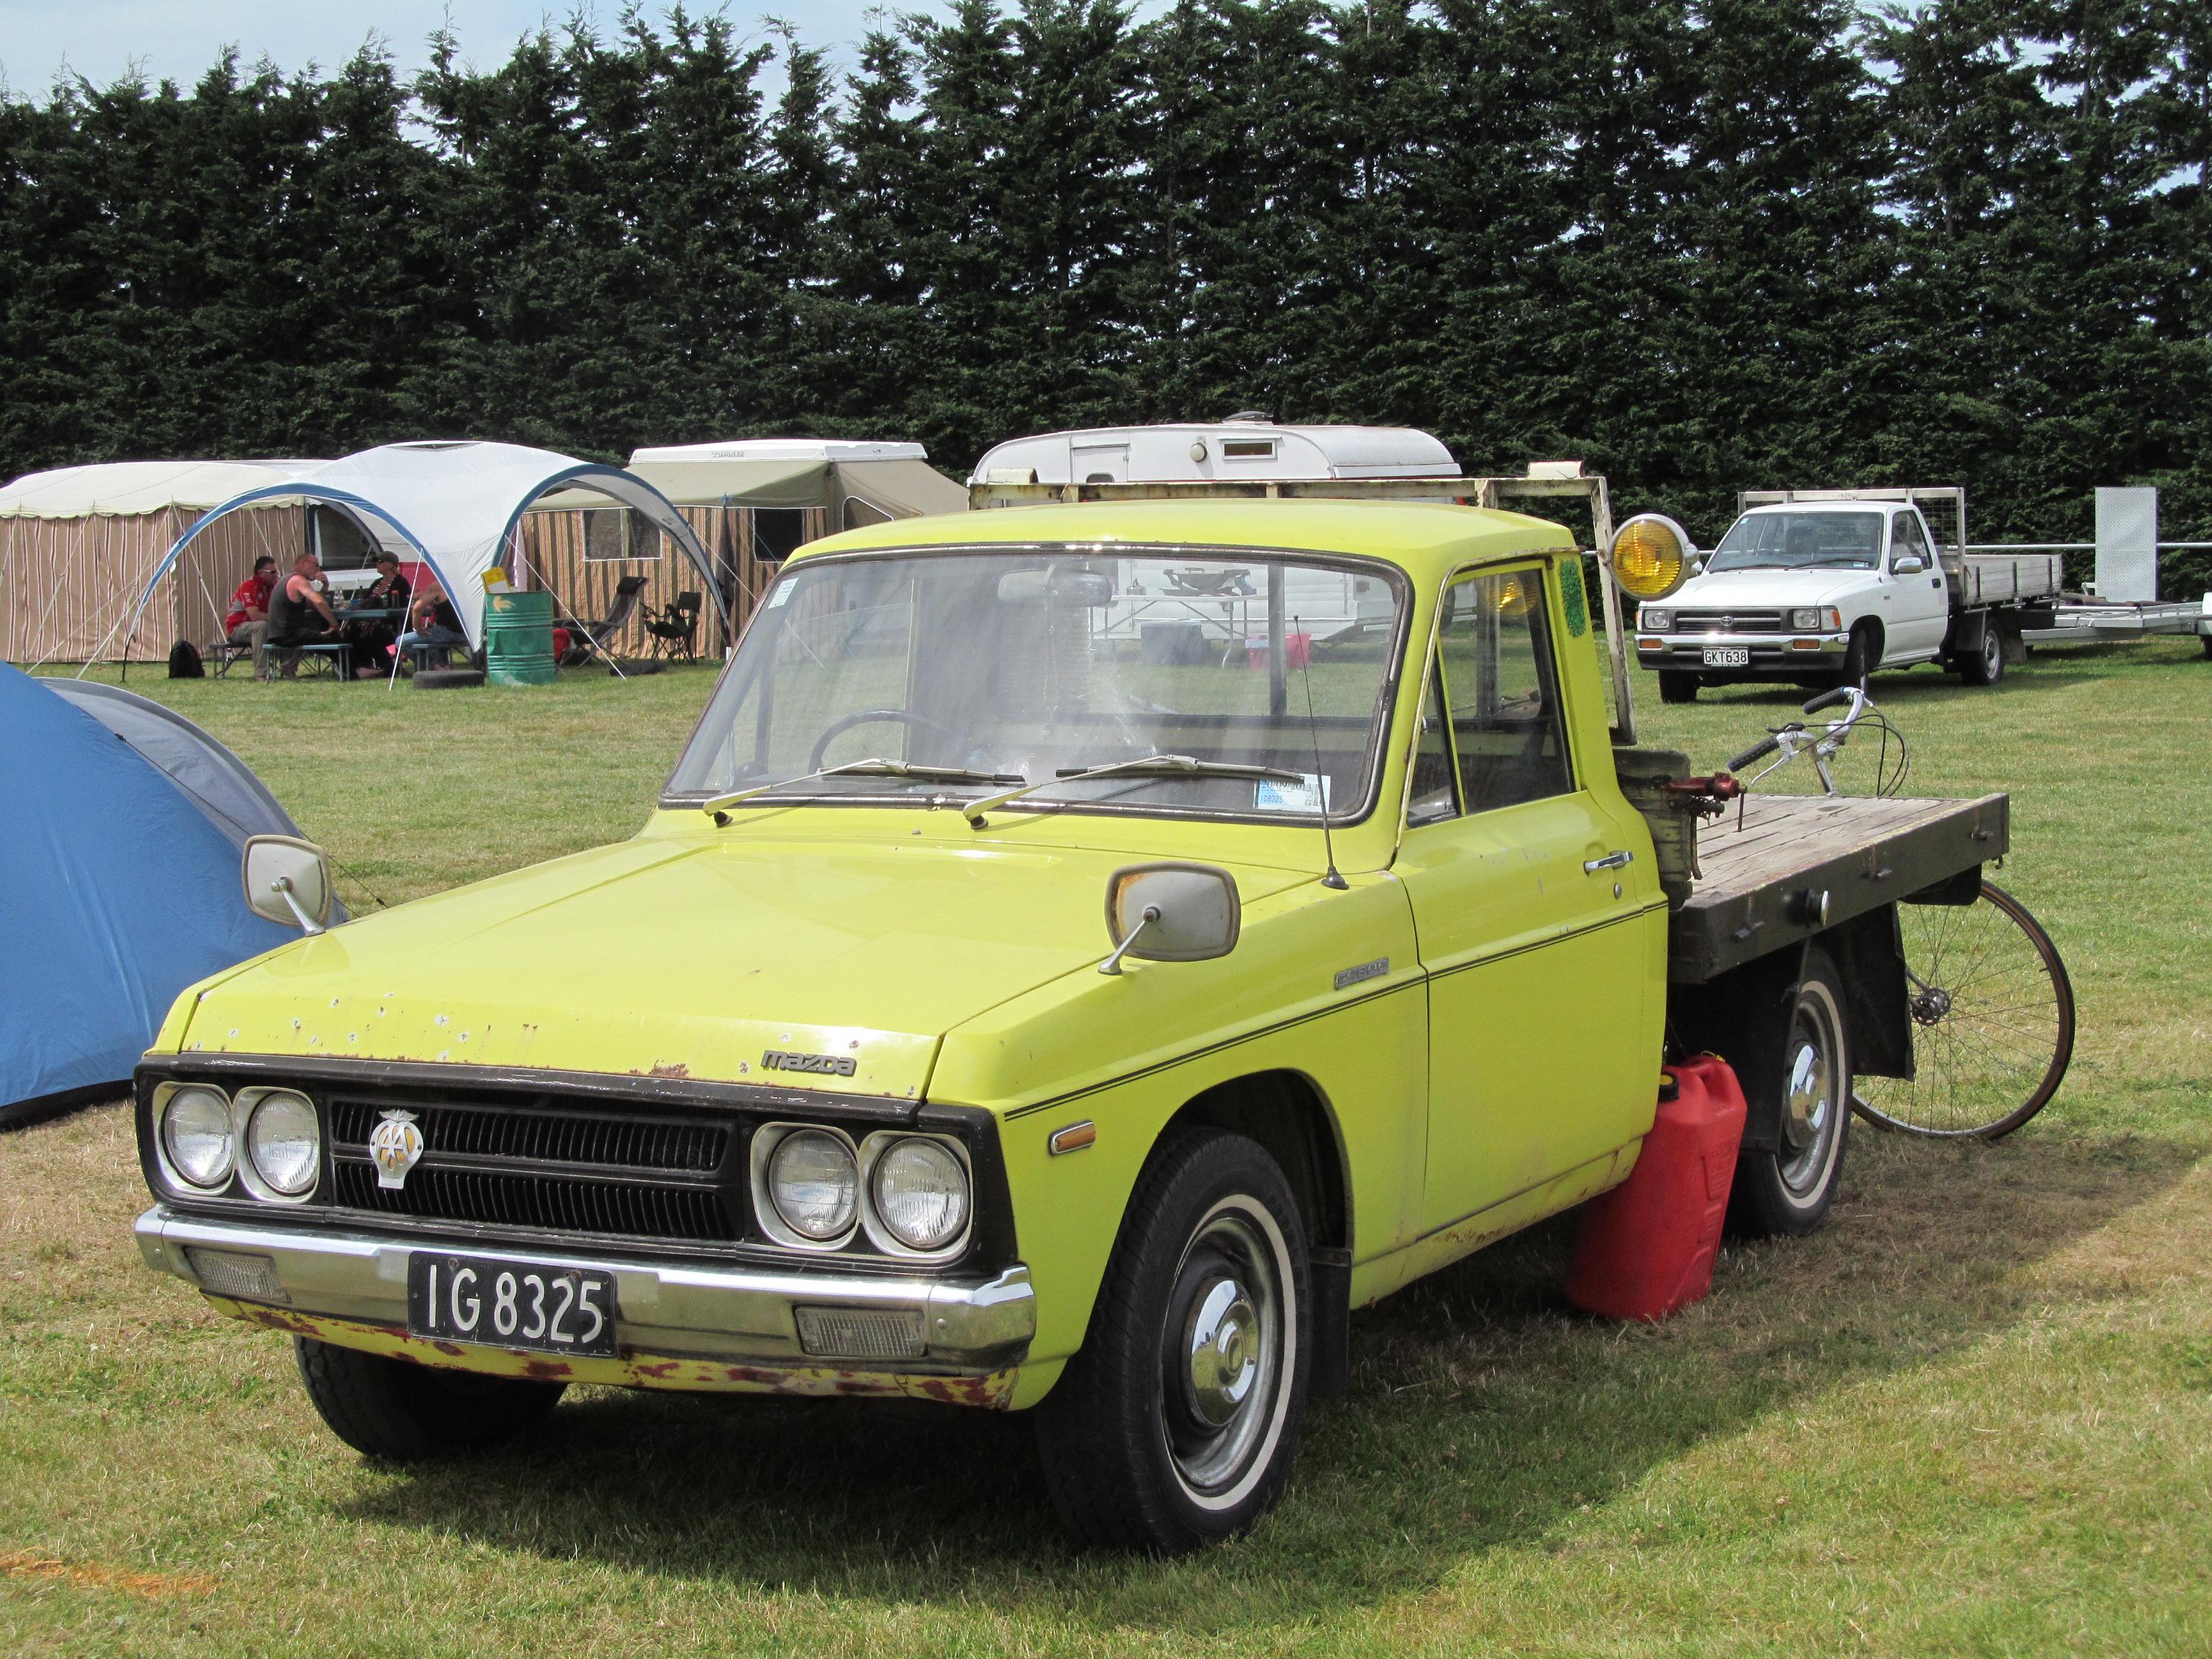 File:1976 Mazda B1600 (12403598753).jpg - Wikimedia Commons